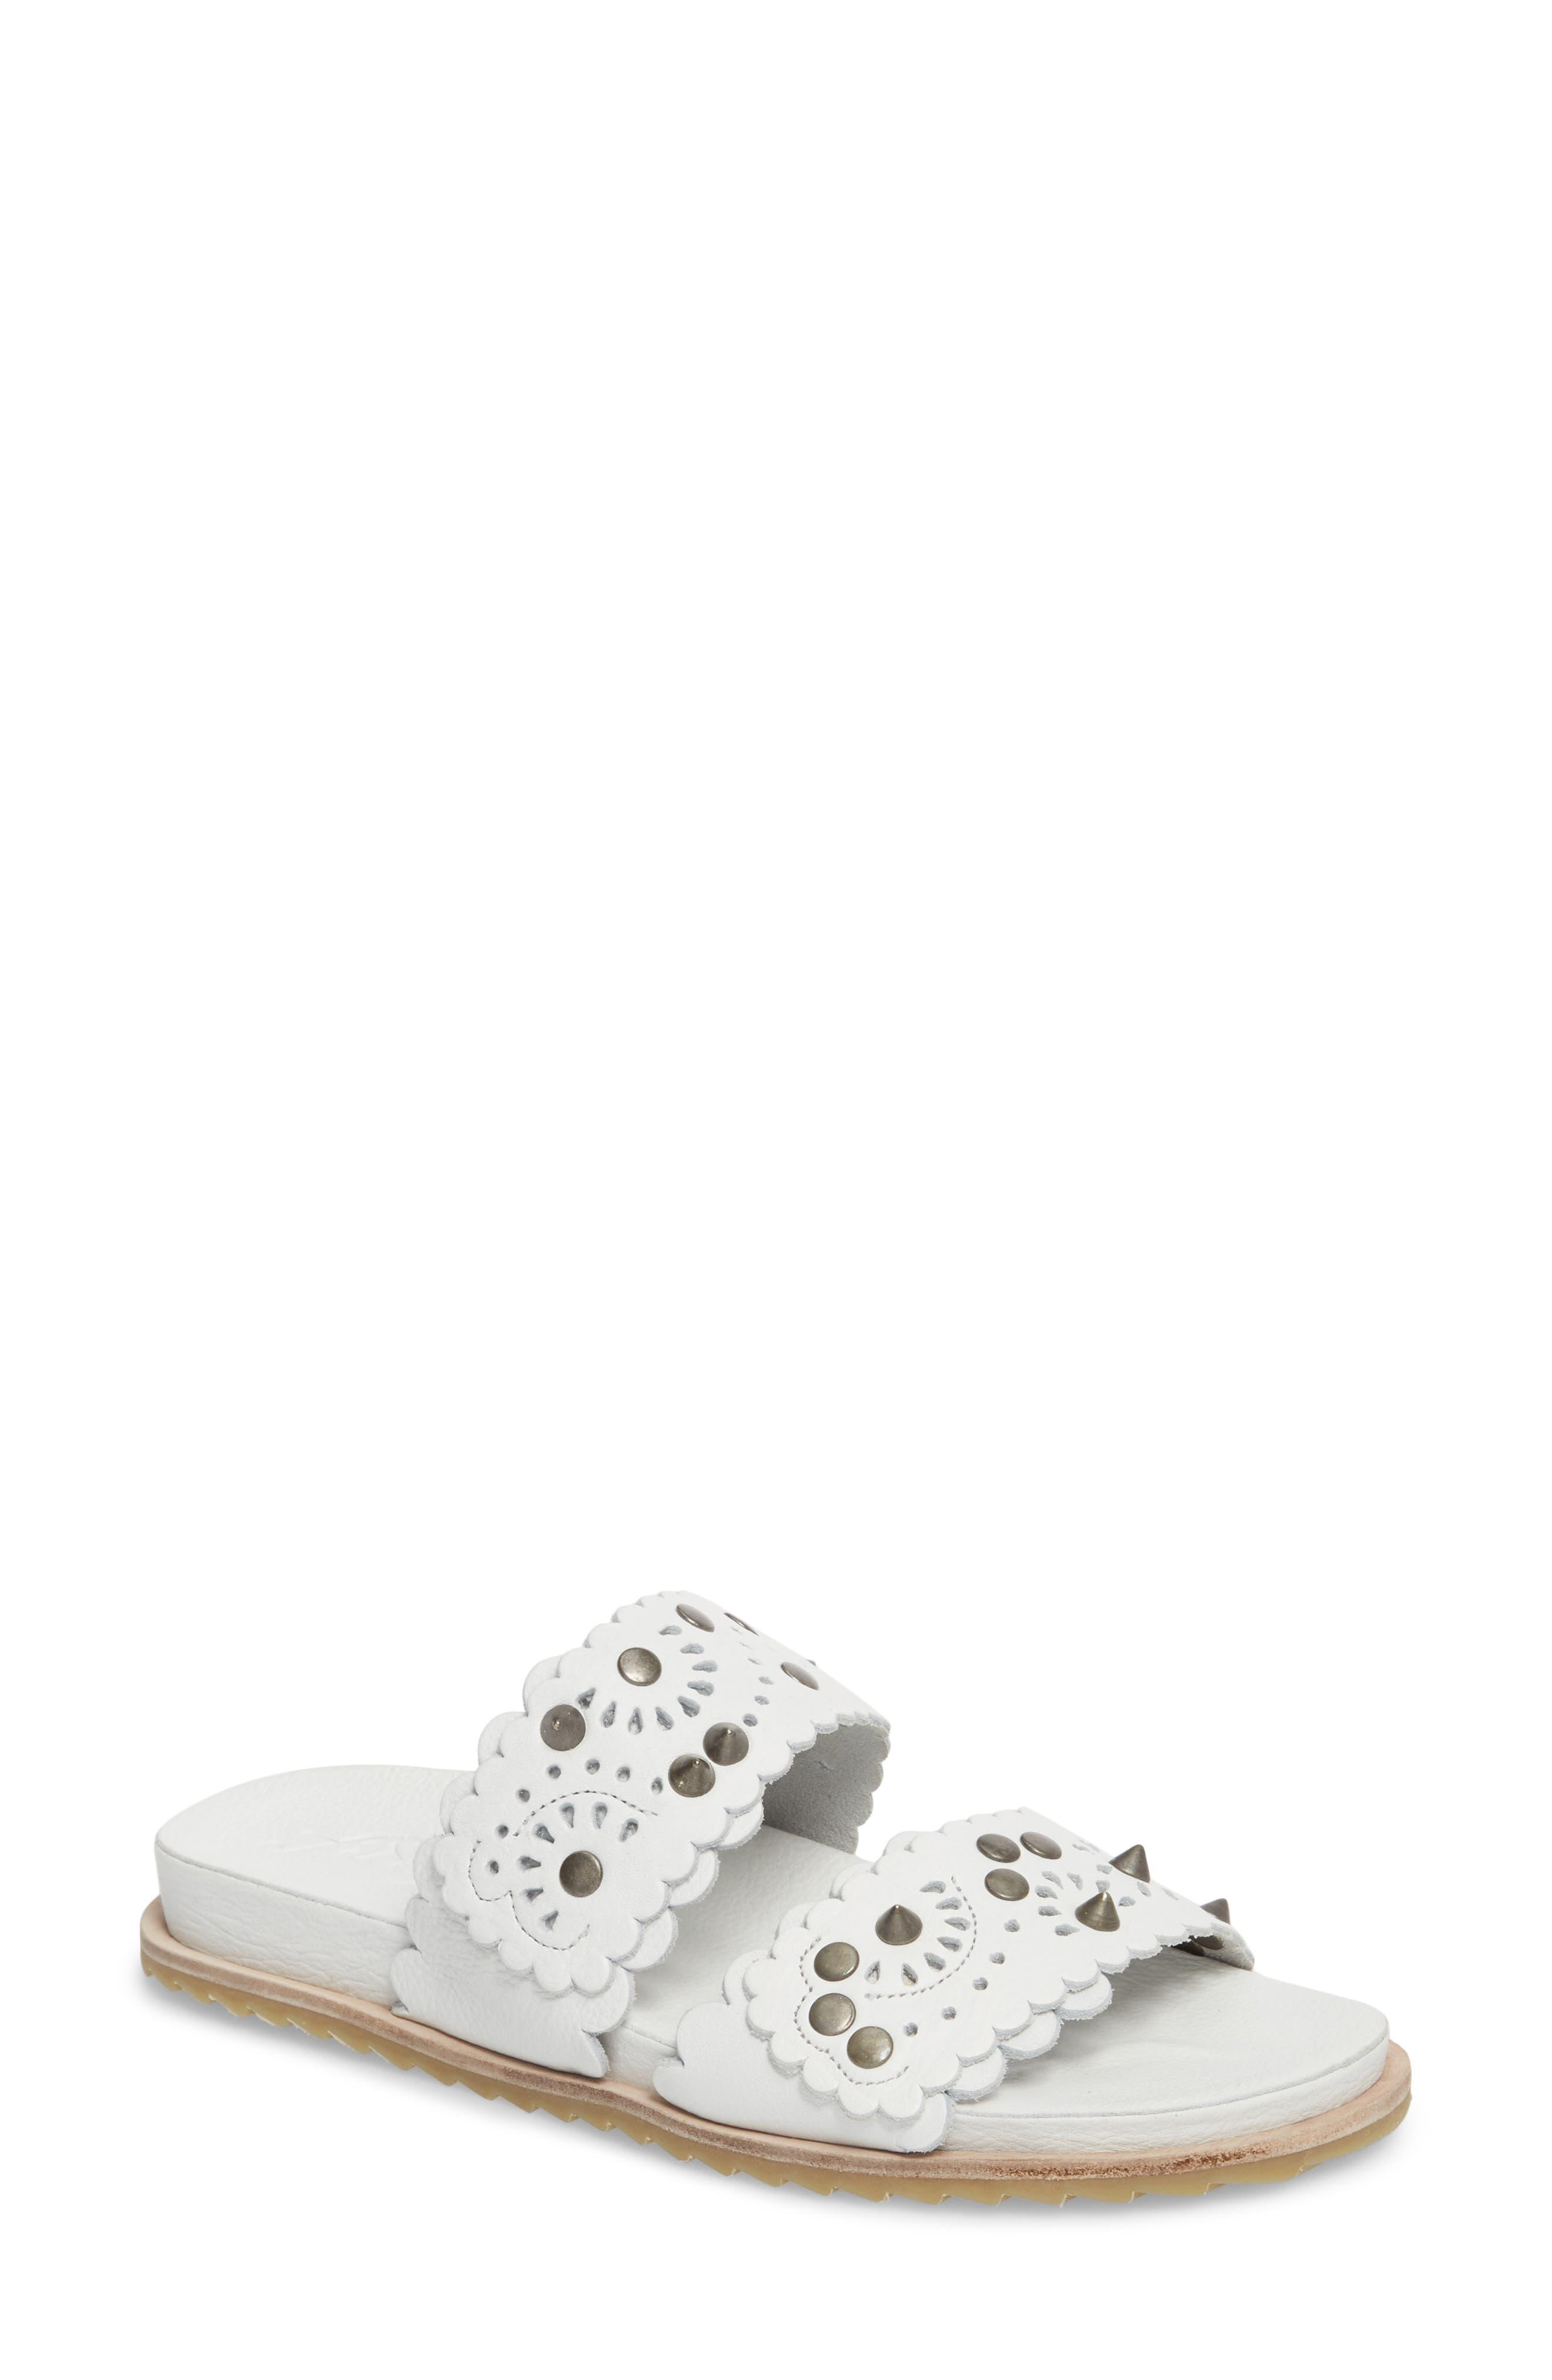 Spellbound Embellished Slide Sandal,                             Main thumbnail 1, color,                             White